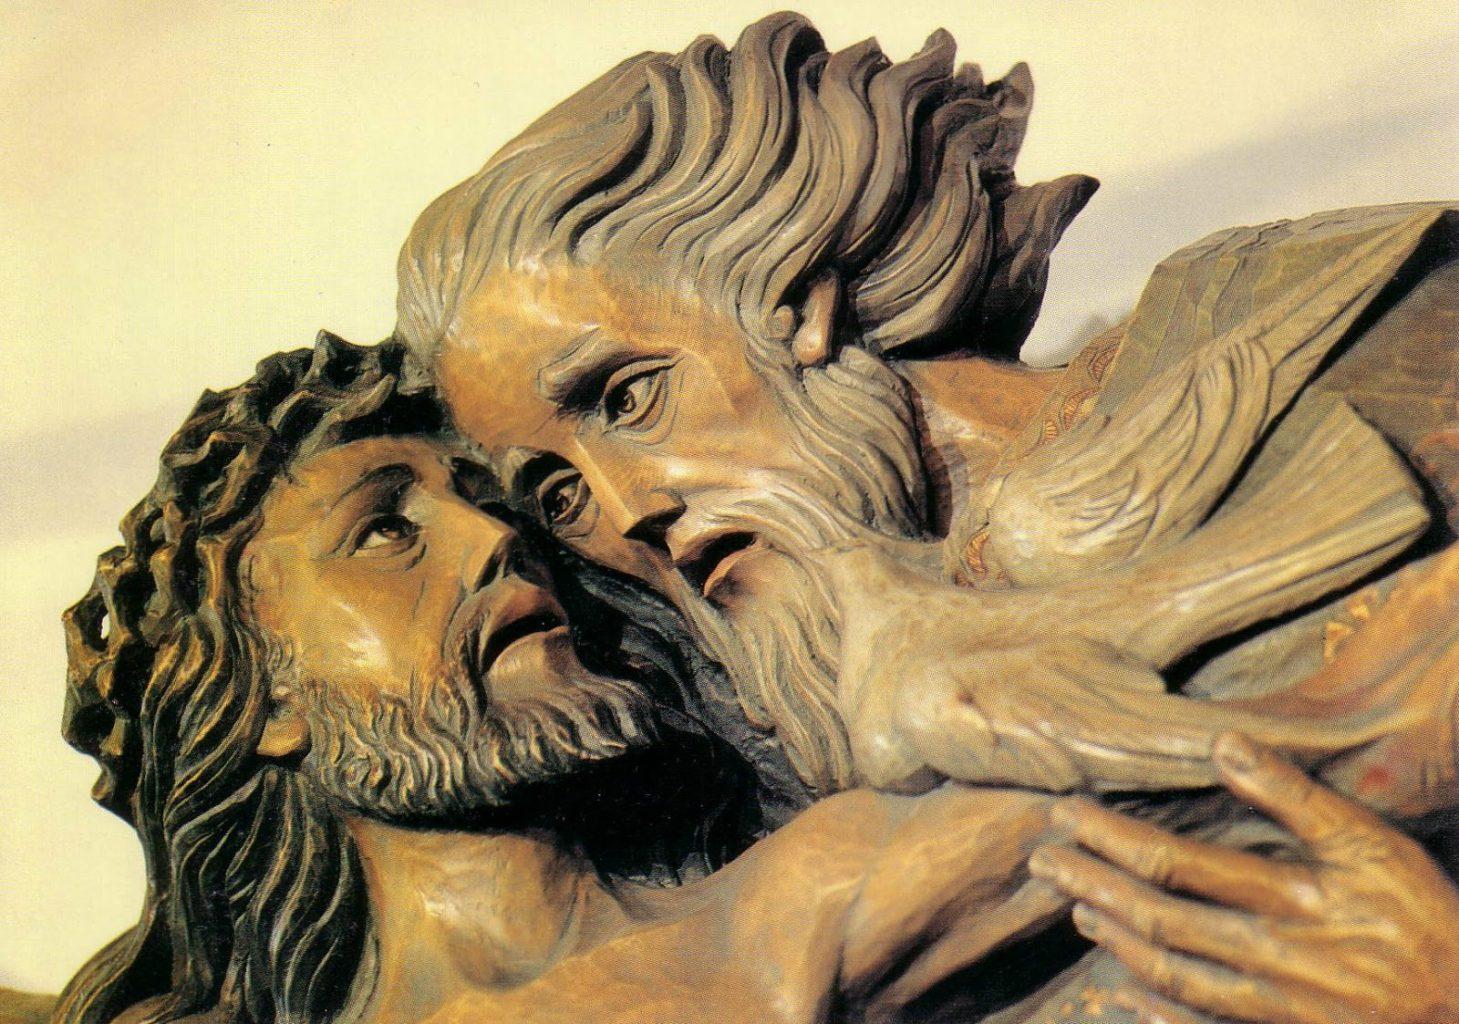 father God father's day fatherhood intimacy affection love suffering shelter padre Dio Festa del Papà paternità intimità affezione amore sofferenza protegge